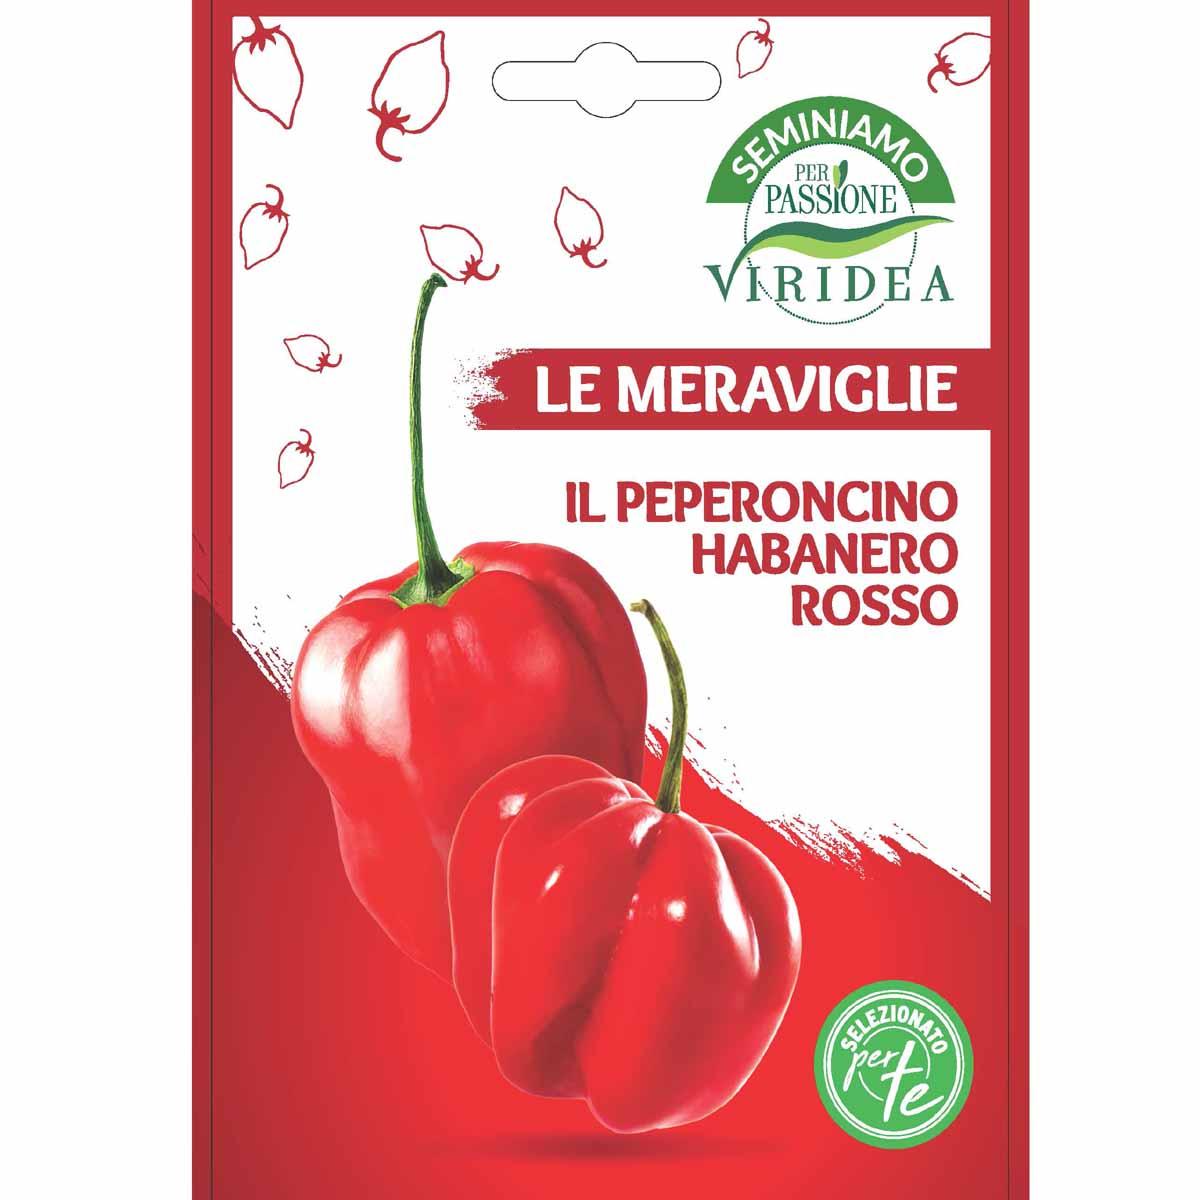 Sementi Le Meraviglie – Peperoncino Habanero Rosso